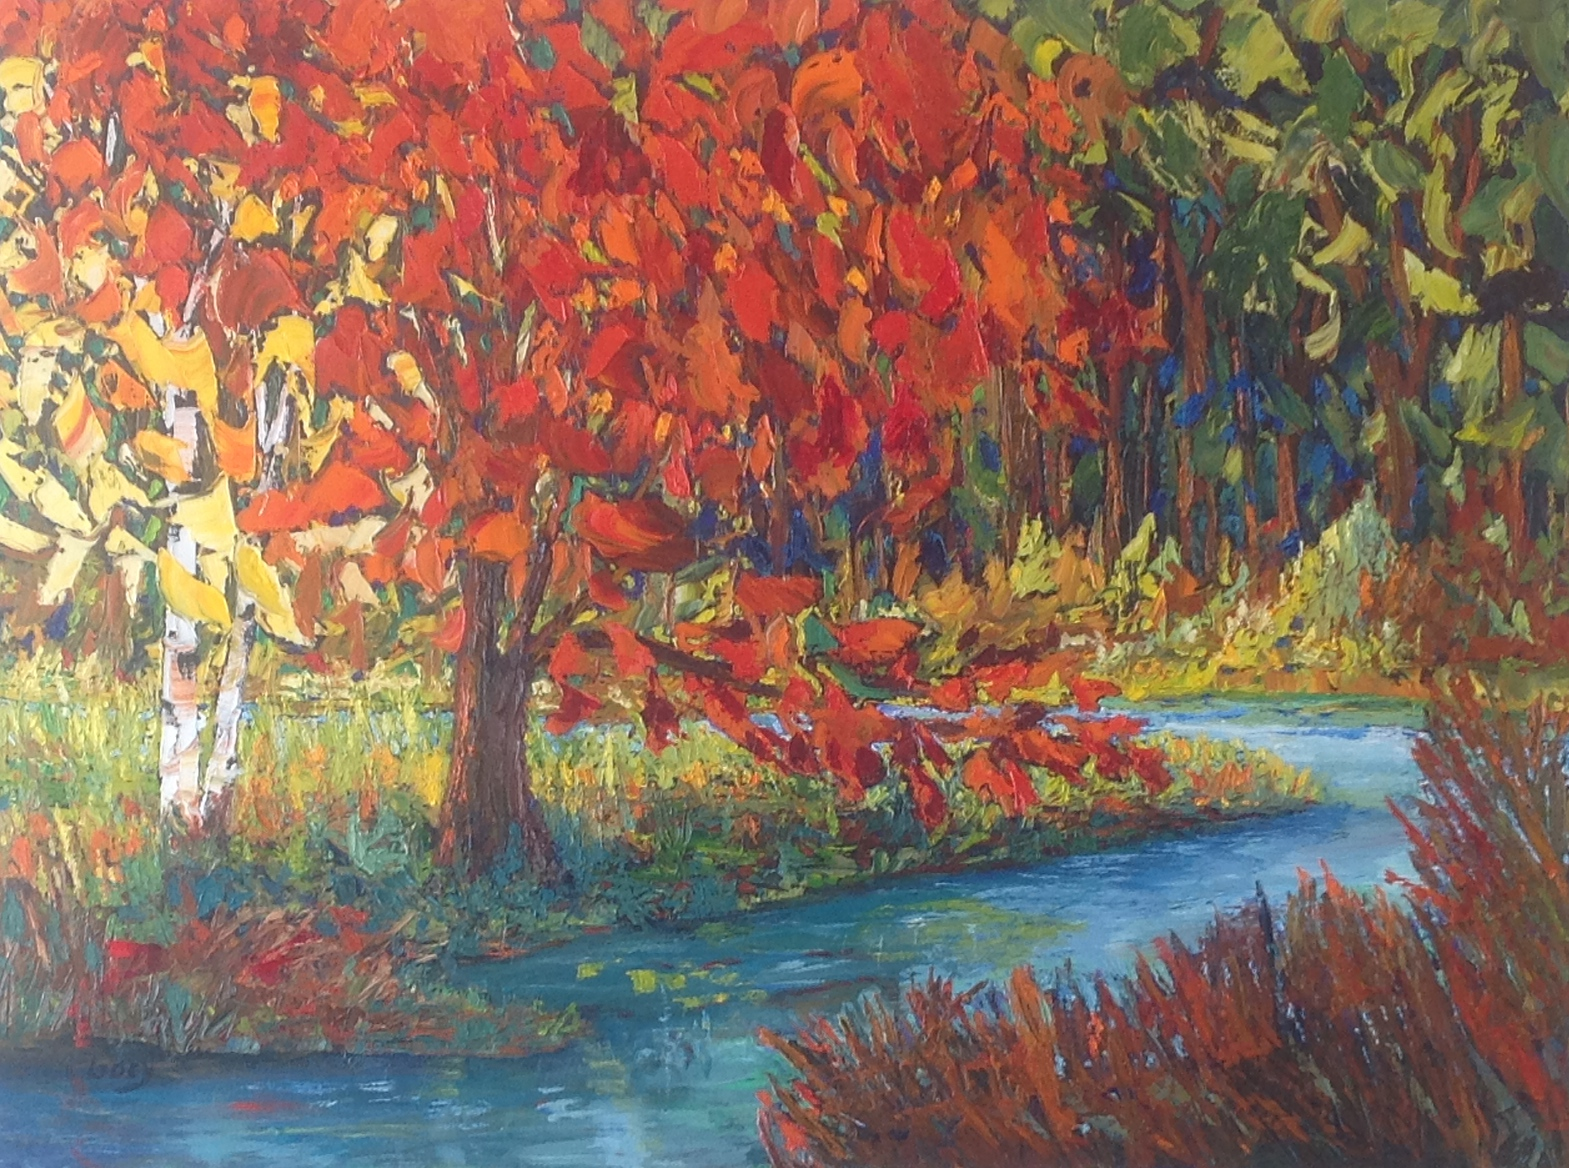 16 Mile Creek, 36 X 36, Oil on Canvas